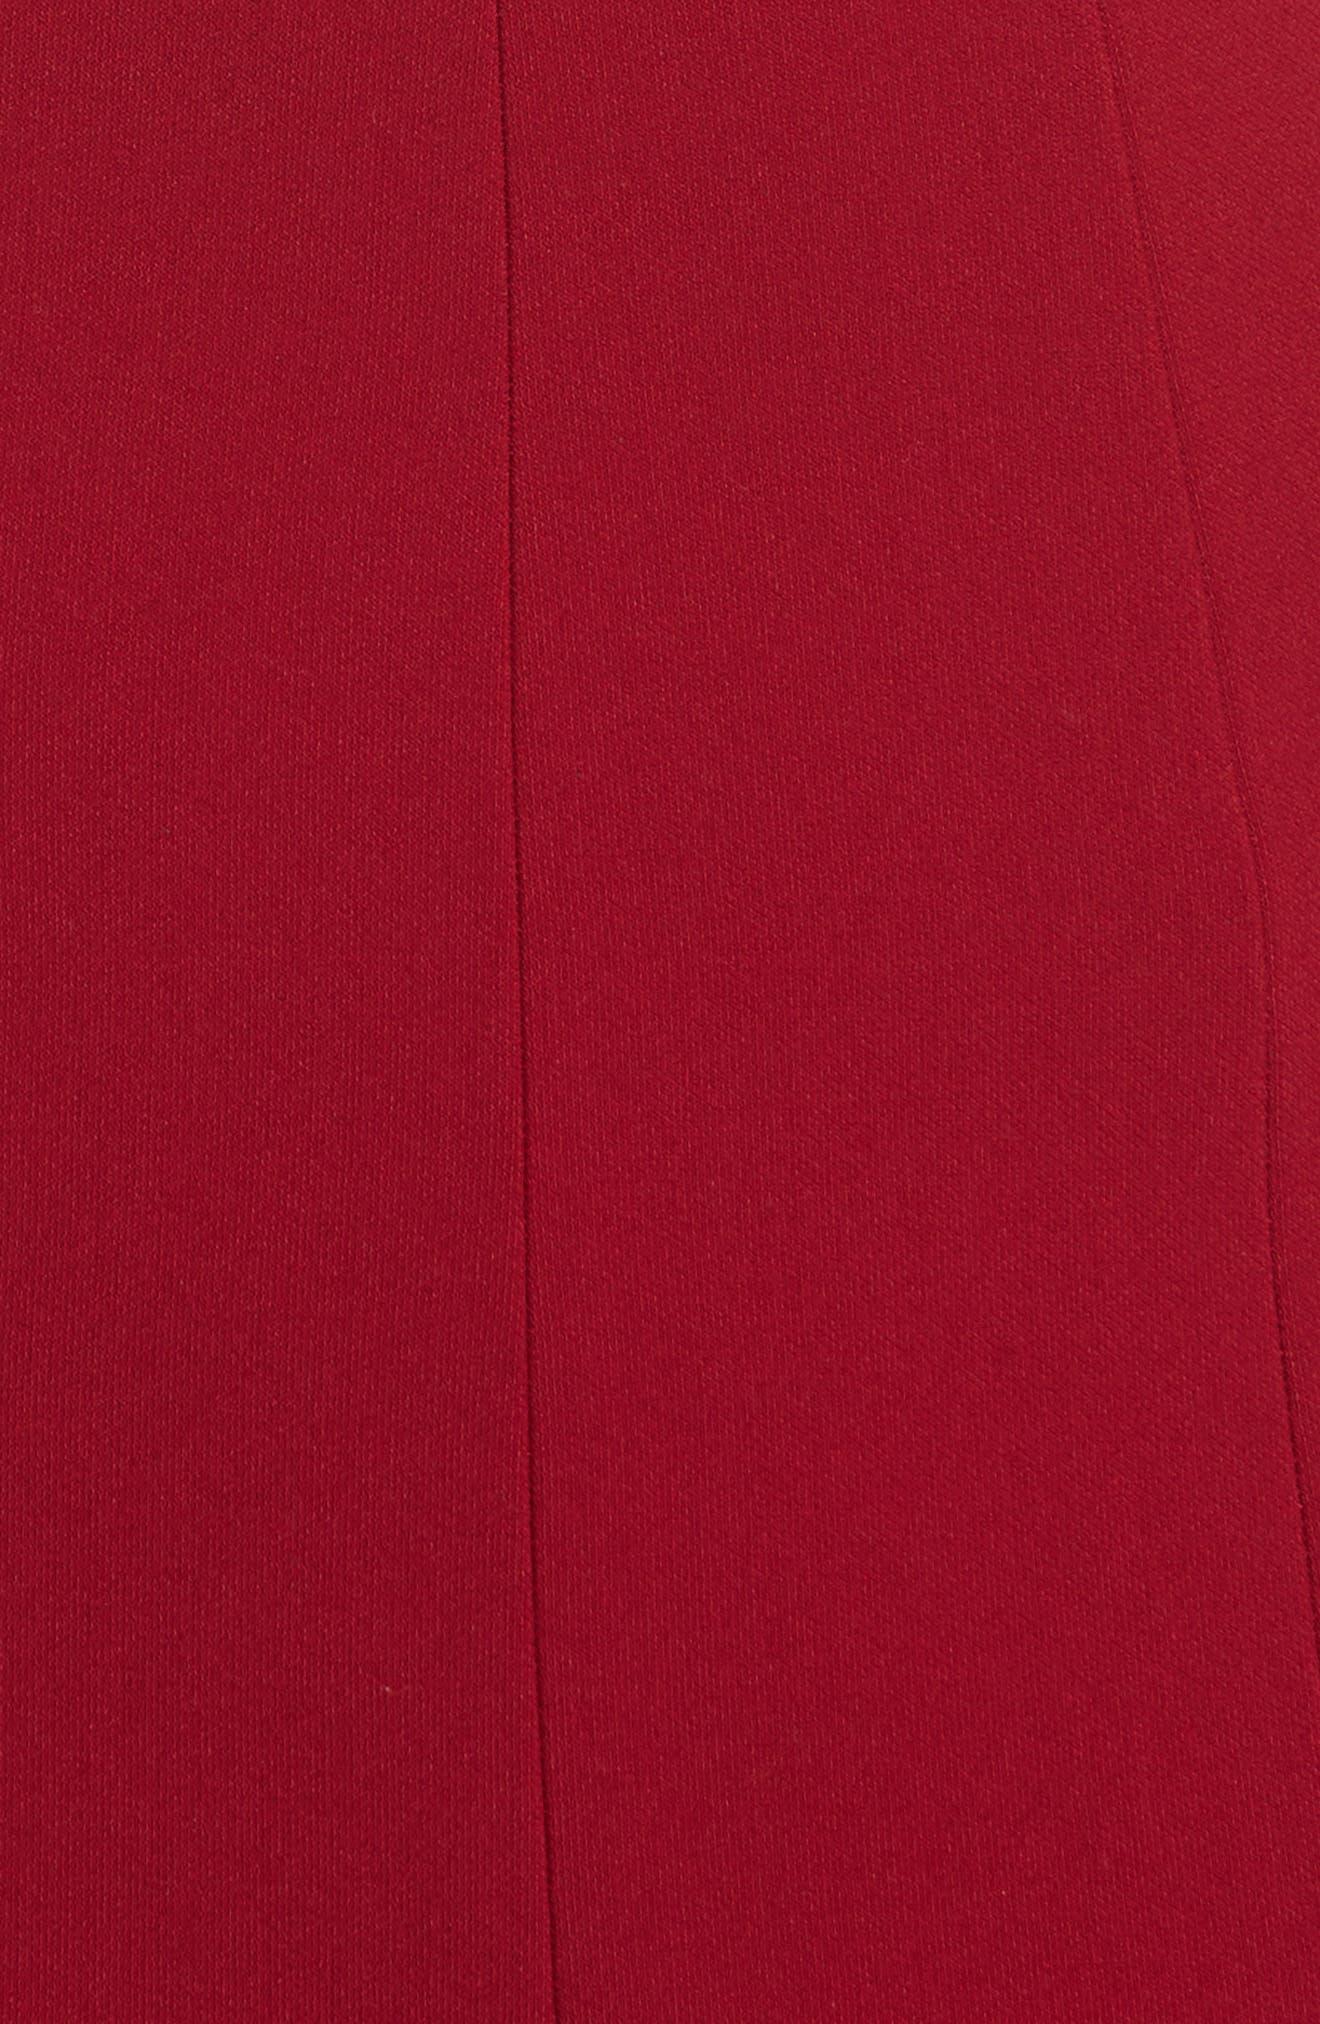 Rooney Flare Hem Dress,                             Alternate thumbnail 5, color,                             Ruby